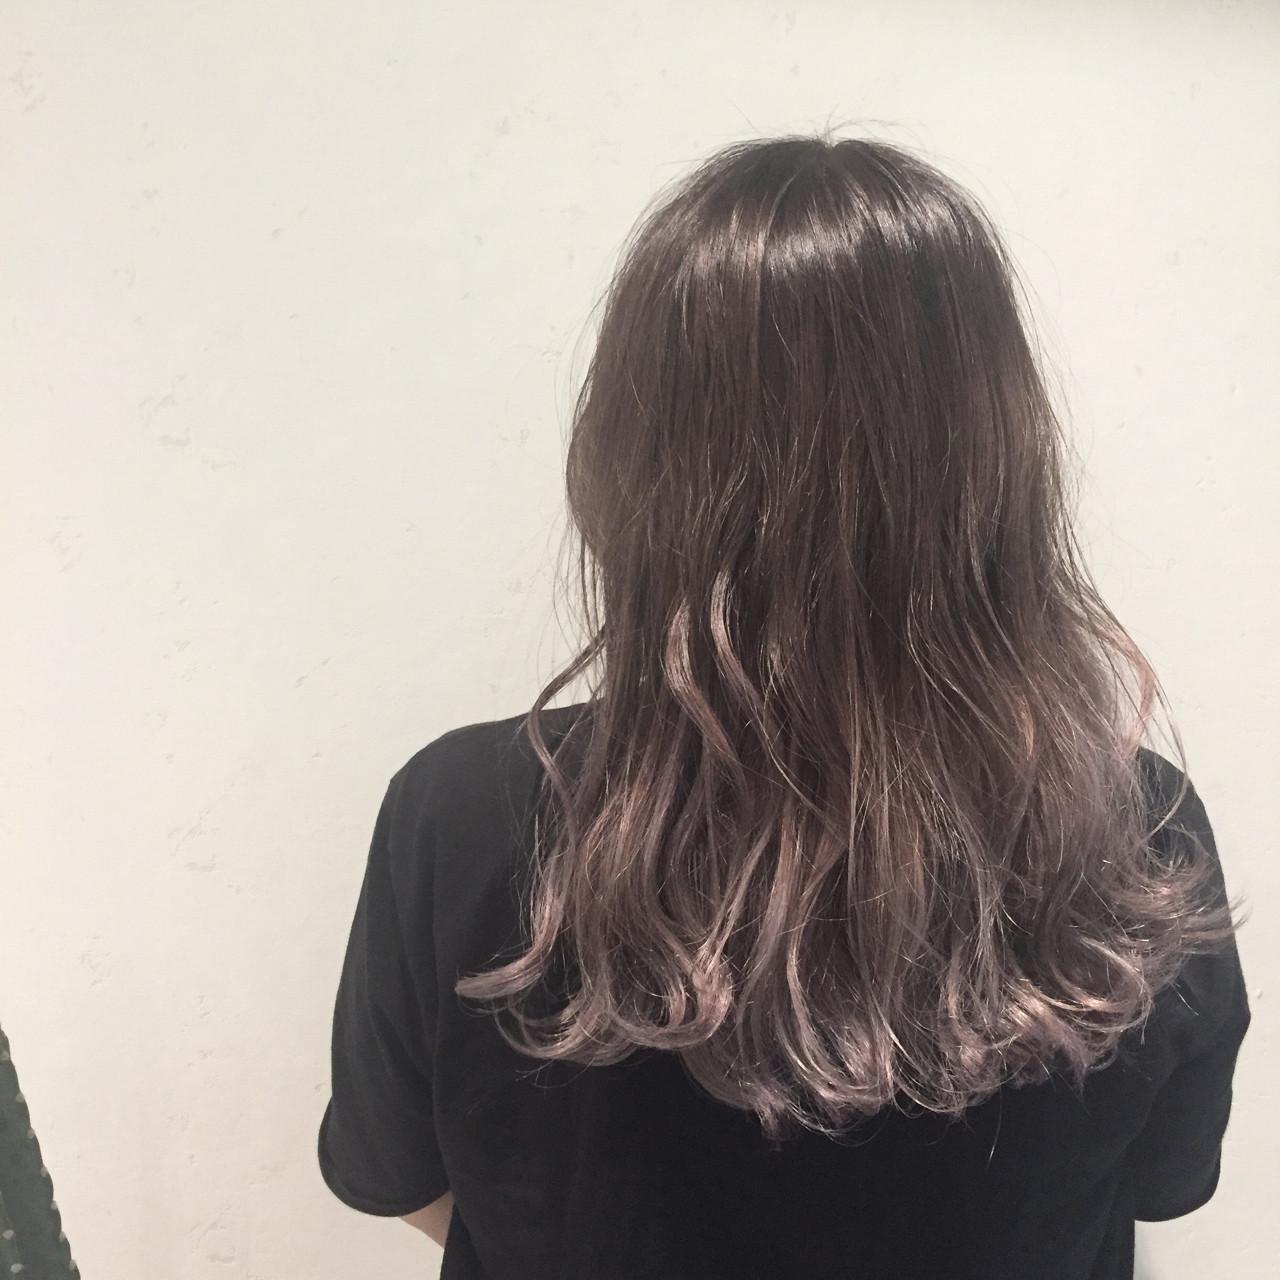 冬 ハロウィン ロング デート ヘアスタイルや髪型の写真・画像 | Misaki Arima / Hammock hair salon cocona